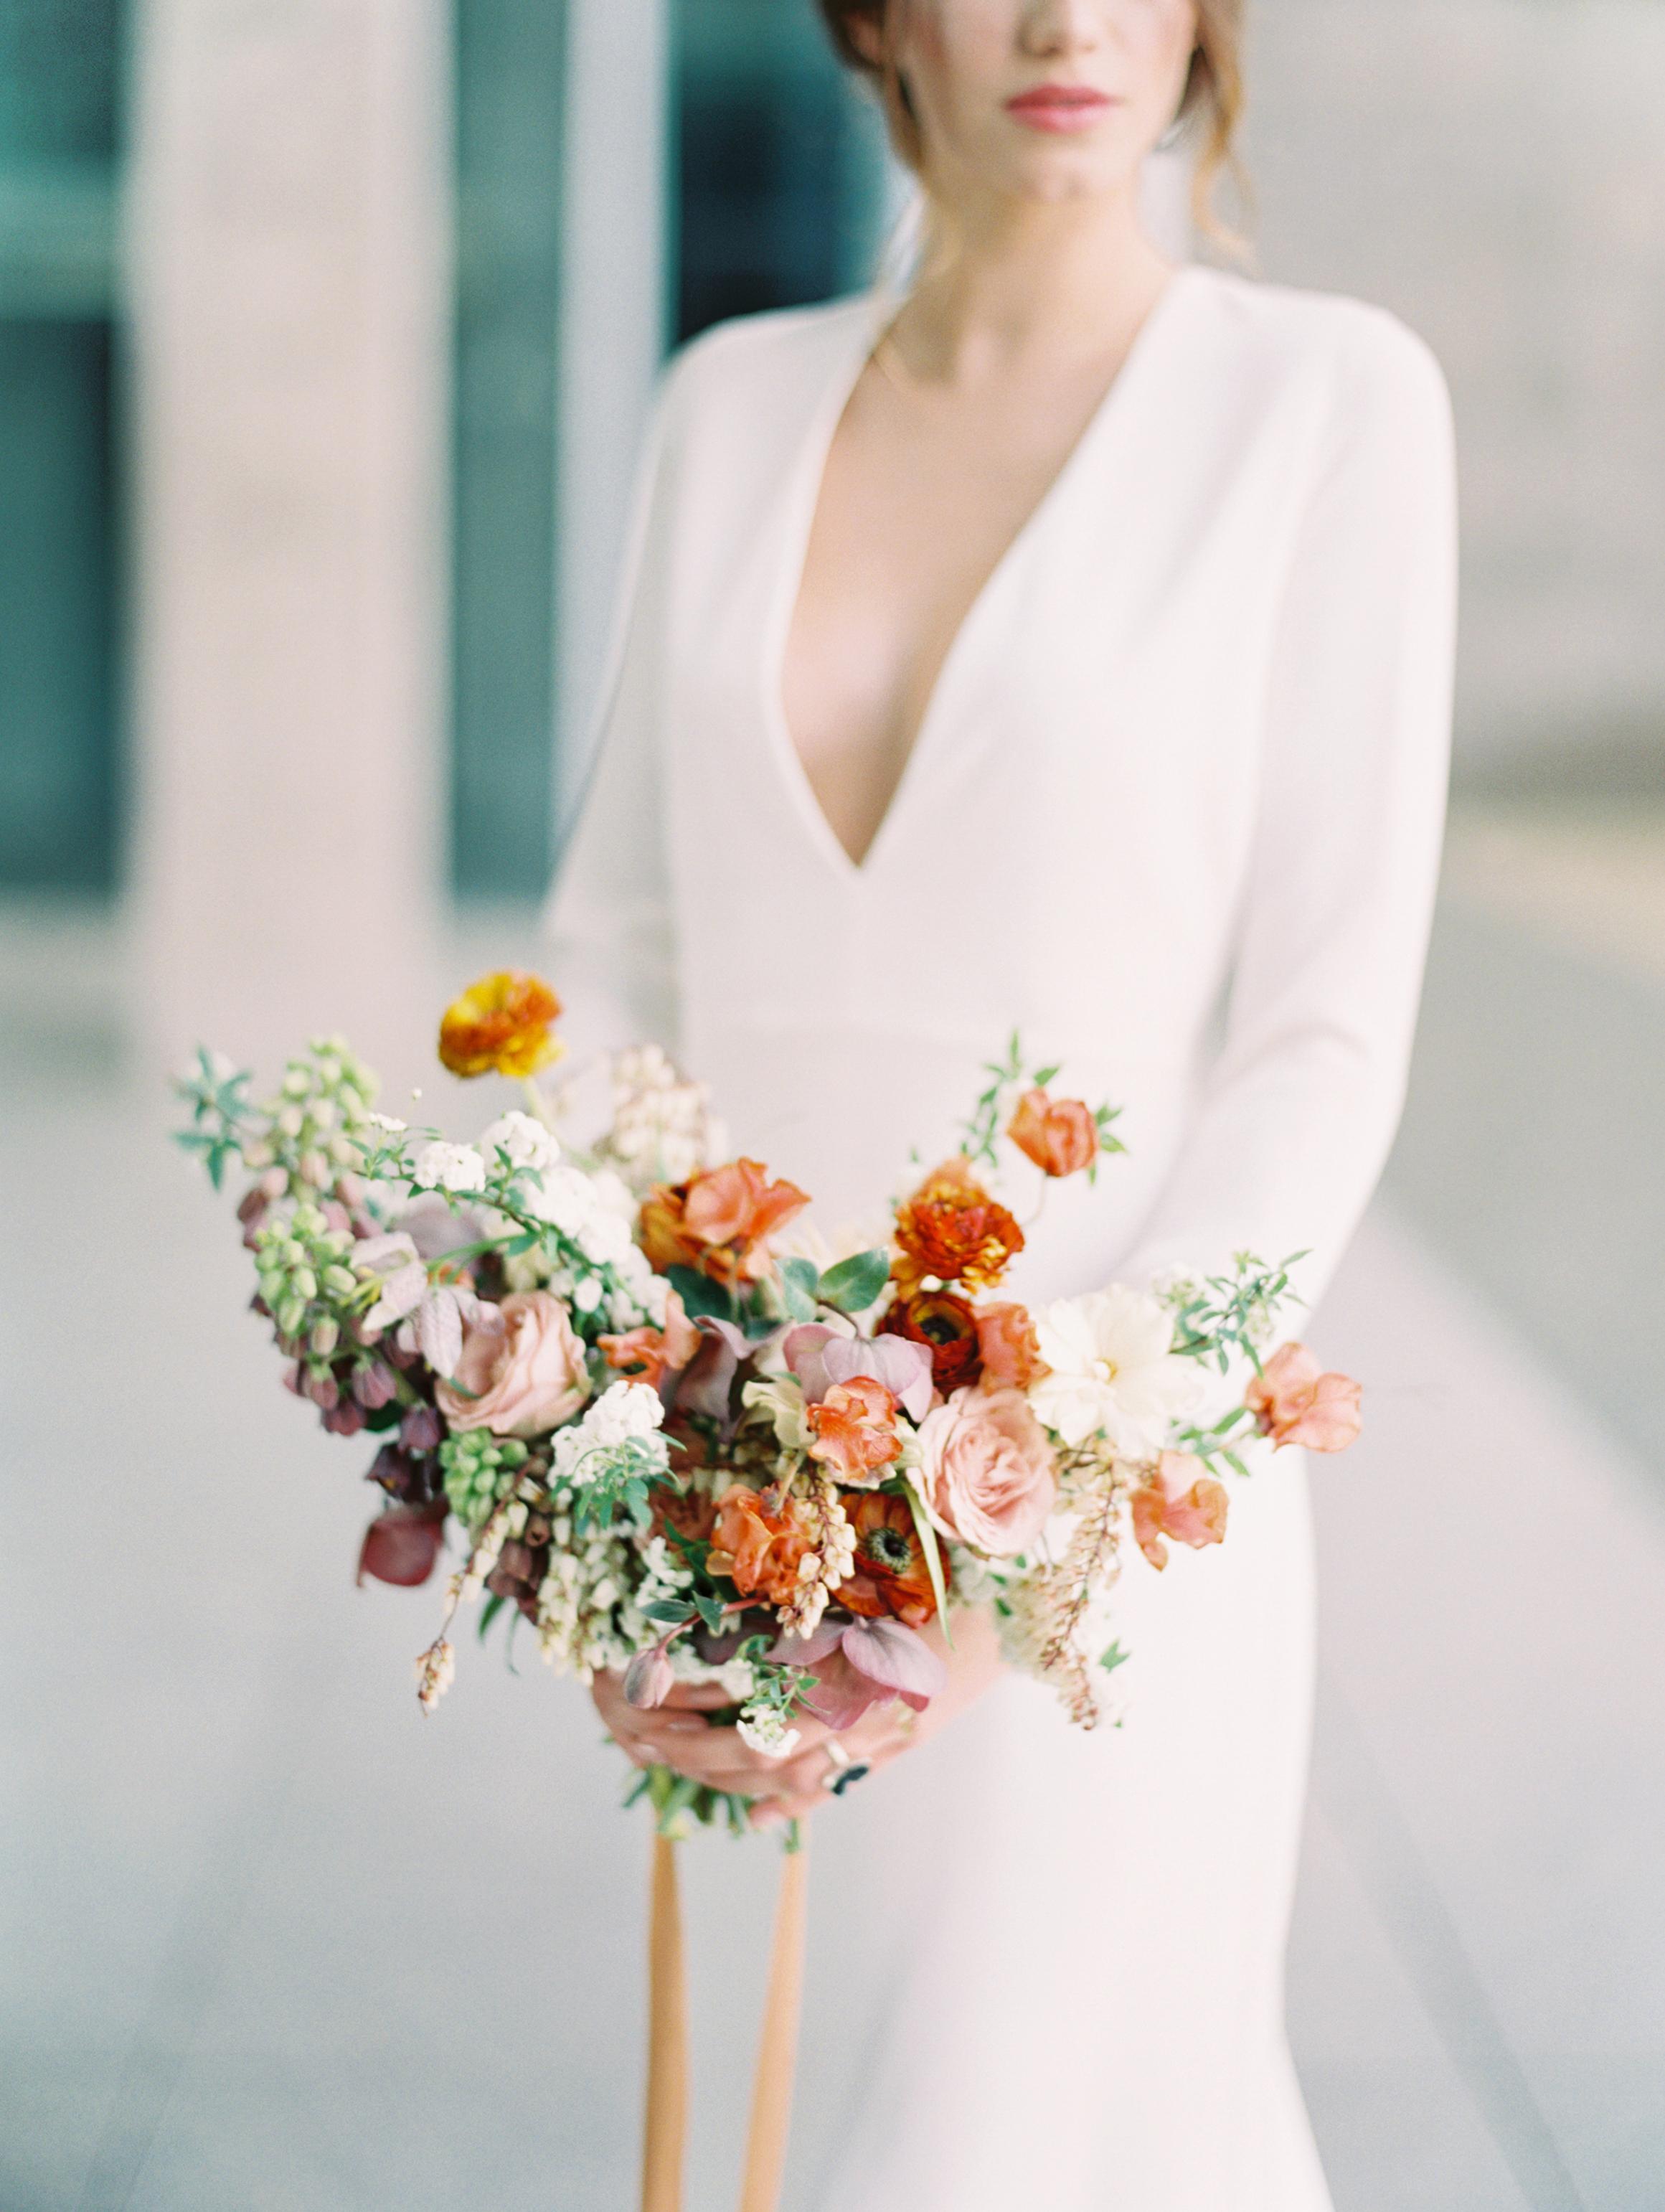 Lyons Events Colorful Wedding Bouquet Abelia Floral